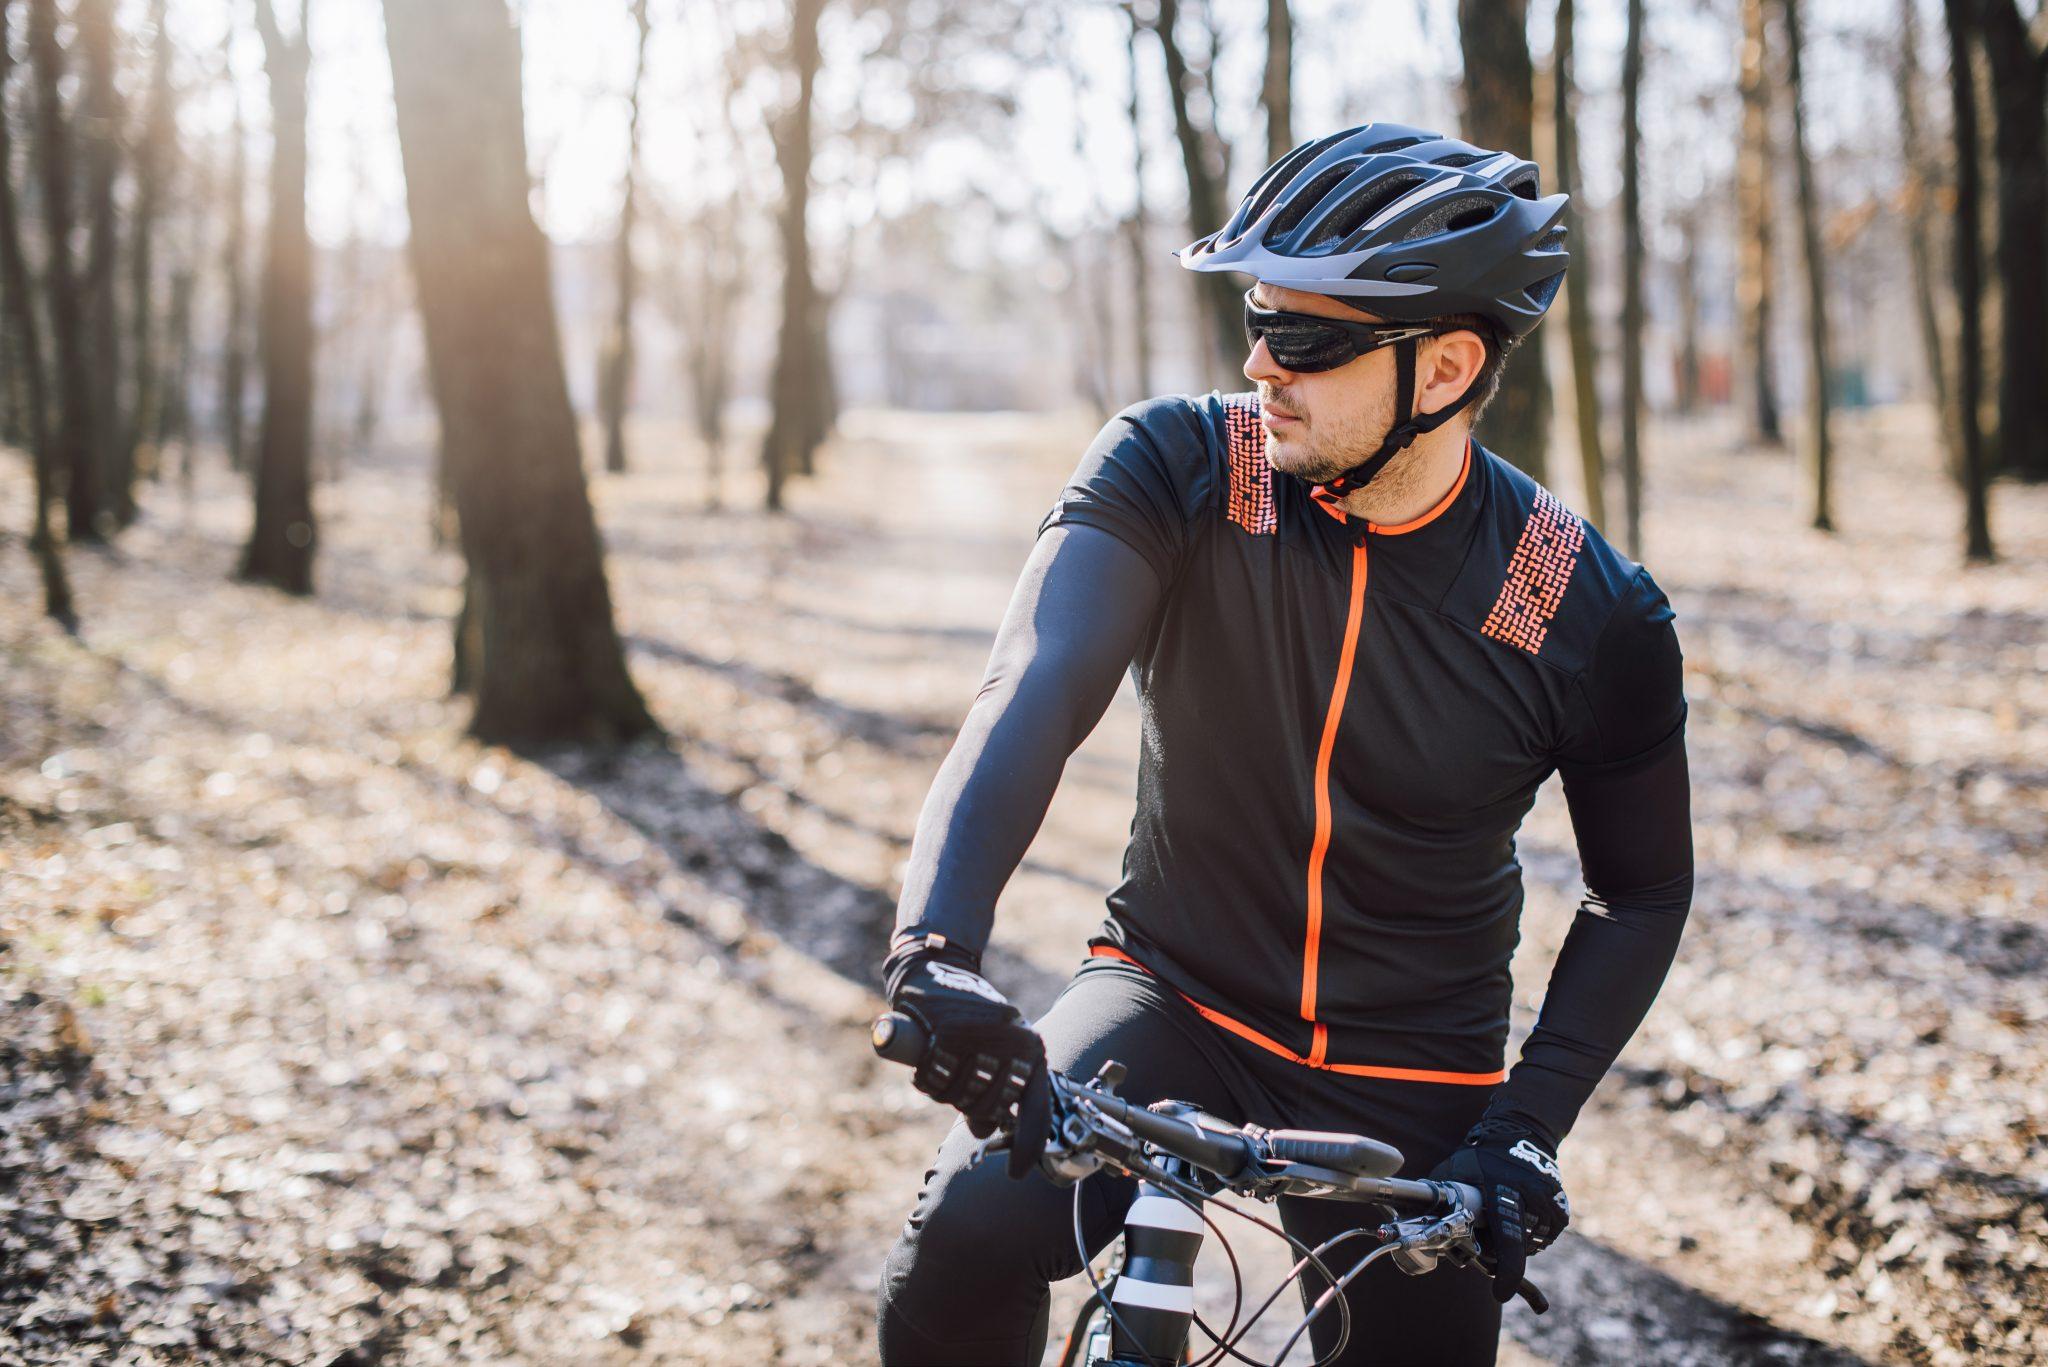 Okulary sportowe -- jak dopasować okulary do dyscypliny sportu